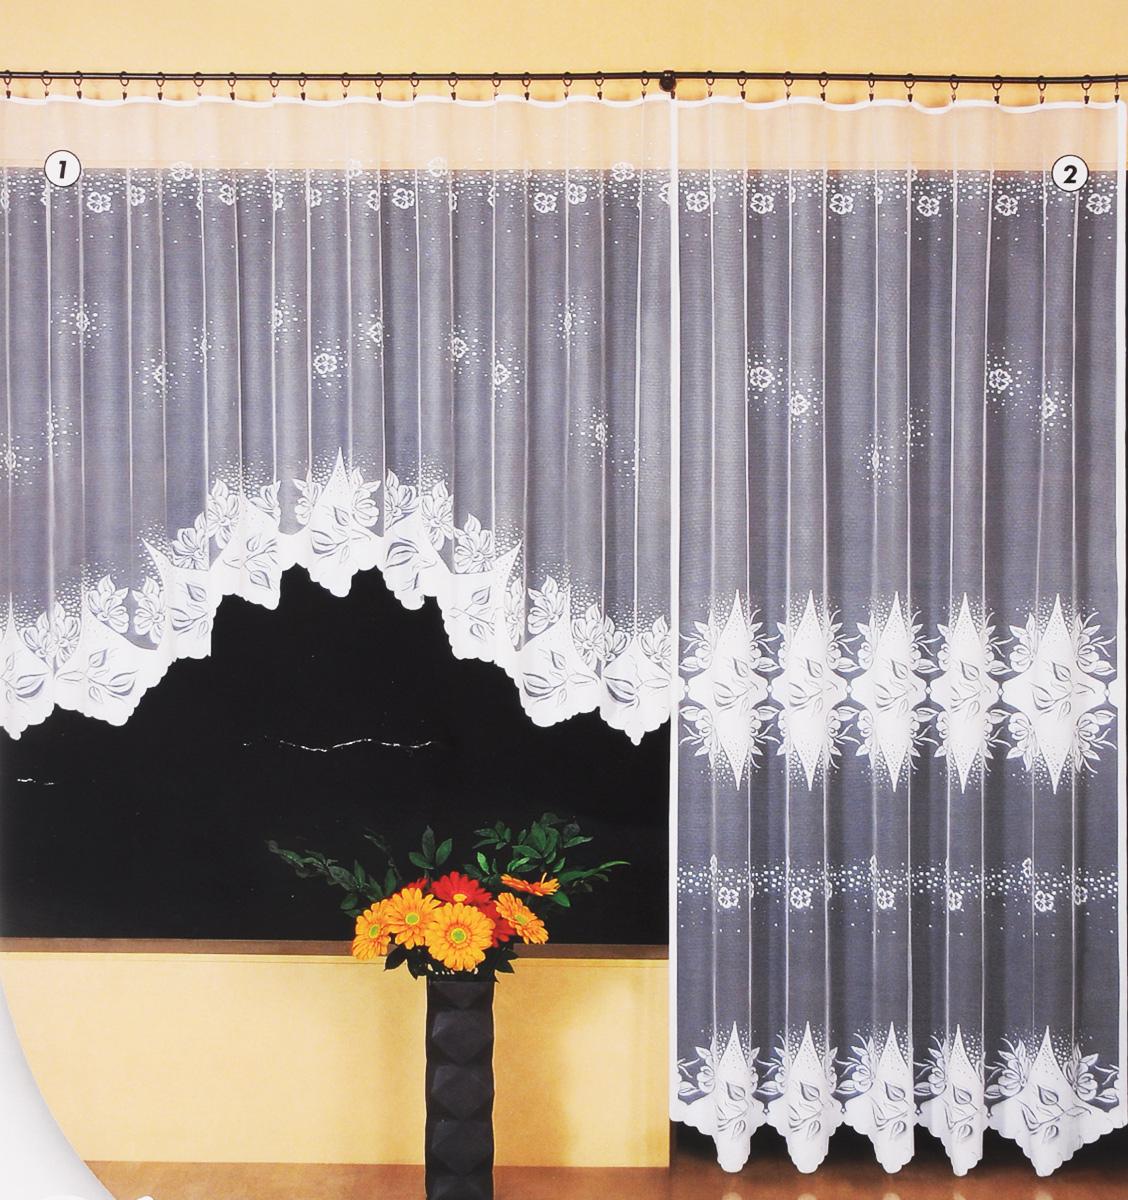 Гардина Wisan Katarzyna, цвет: белый, высота 250 см. 948210503Гардина Wisan Katarzyna, изготовленная из полиэстера, станет великолепным украшением любого окна. Изделие, оформленное цветочным рисунком, привлечет к себе внимание и органично впишется в интерьер комнаты. Оригинальное оформление гардины внесет разнообразие и подарит заряд положительного настроения.Гардина крепится при помощи зажимов для штор (не входят в комплект).